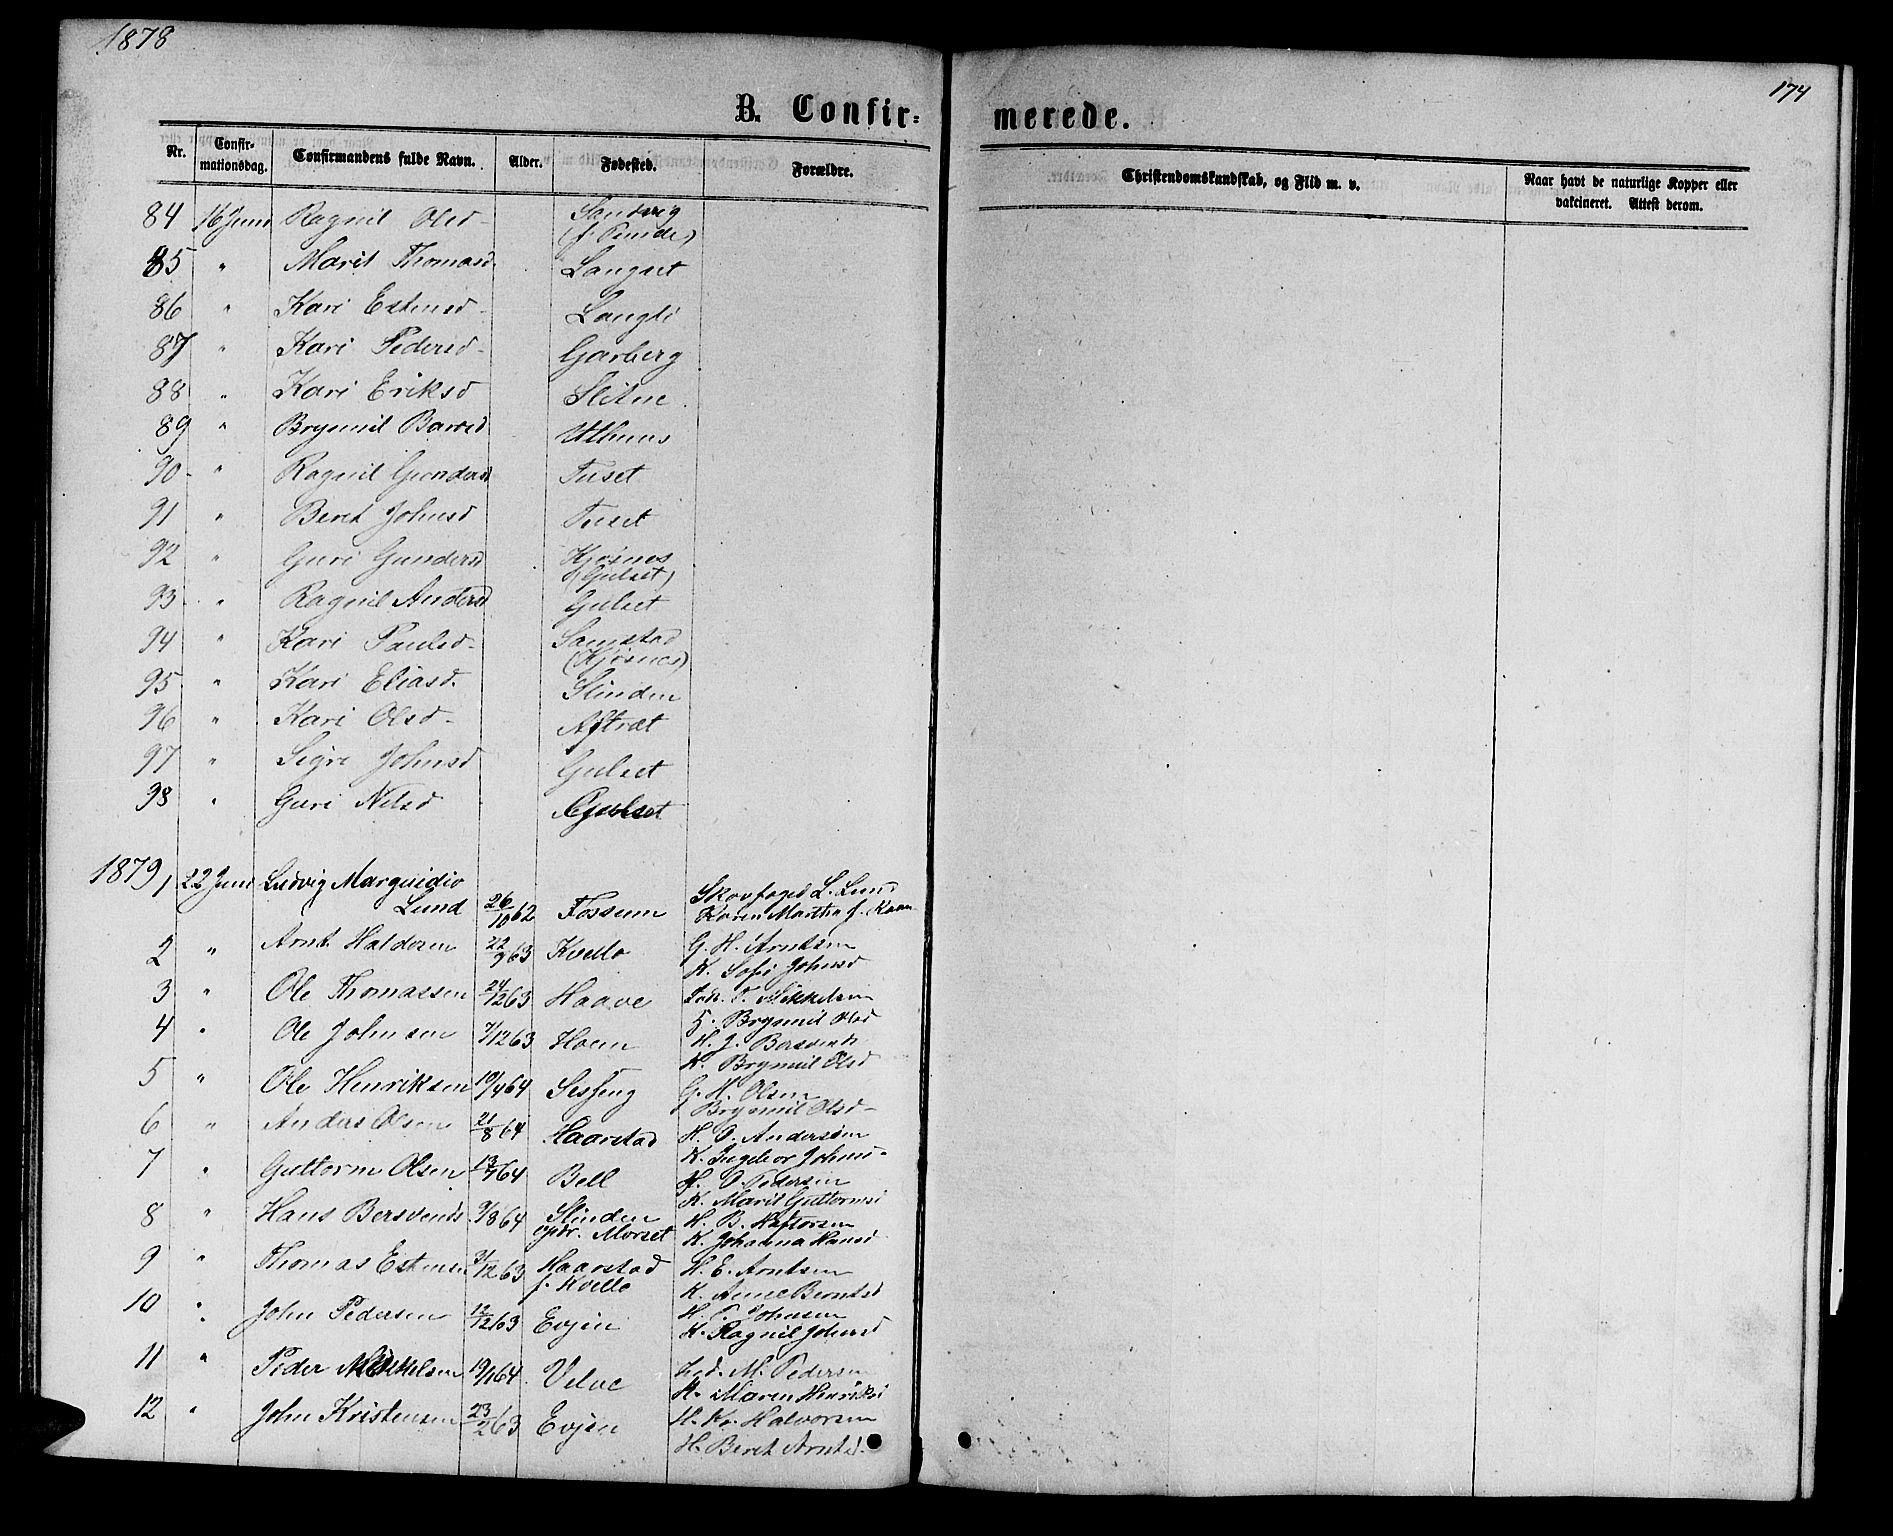 SAT, Ministerialprotokoller, klokkerbøker og fødselsregistre - Sør-Trøndelag, 695/L1156: Klokkerbok nr. 695C07, 1869-1888, s. 174